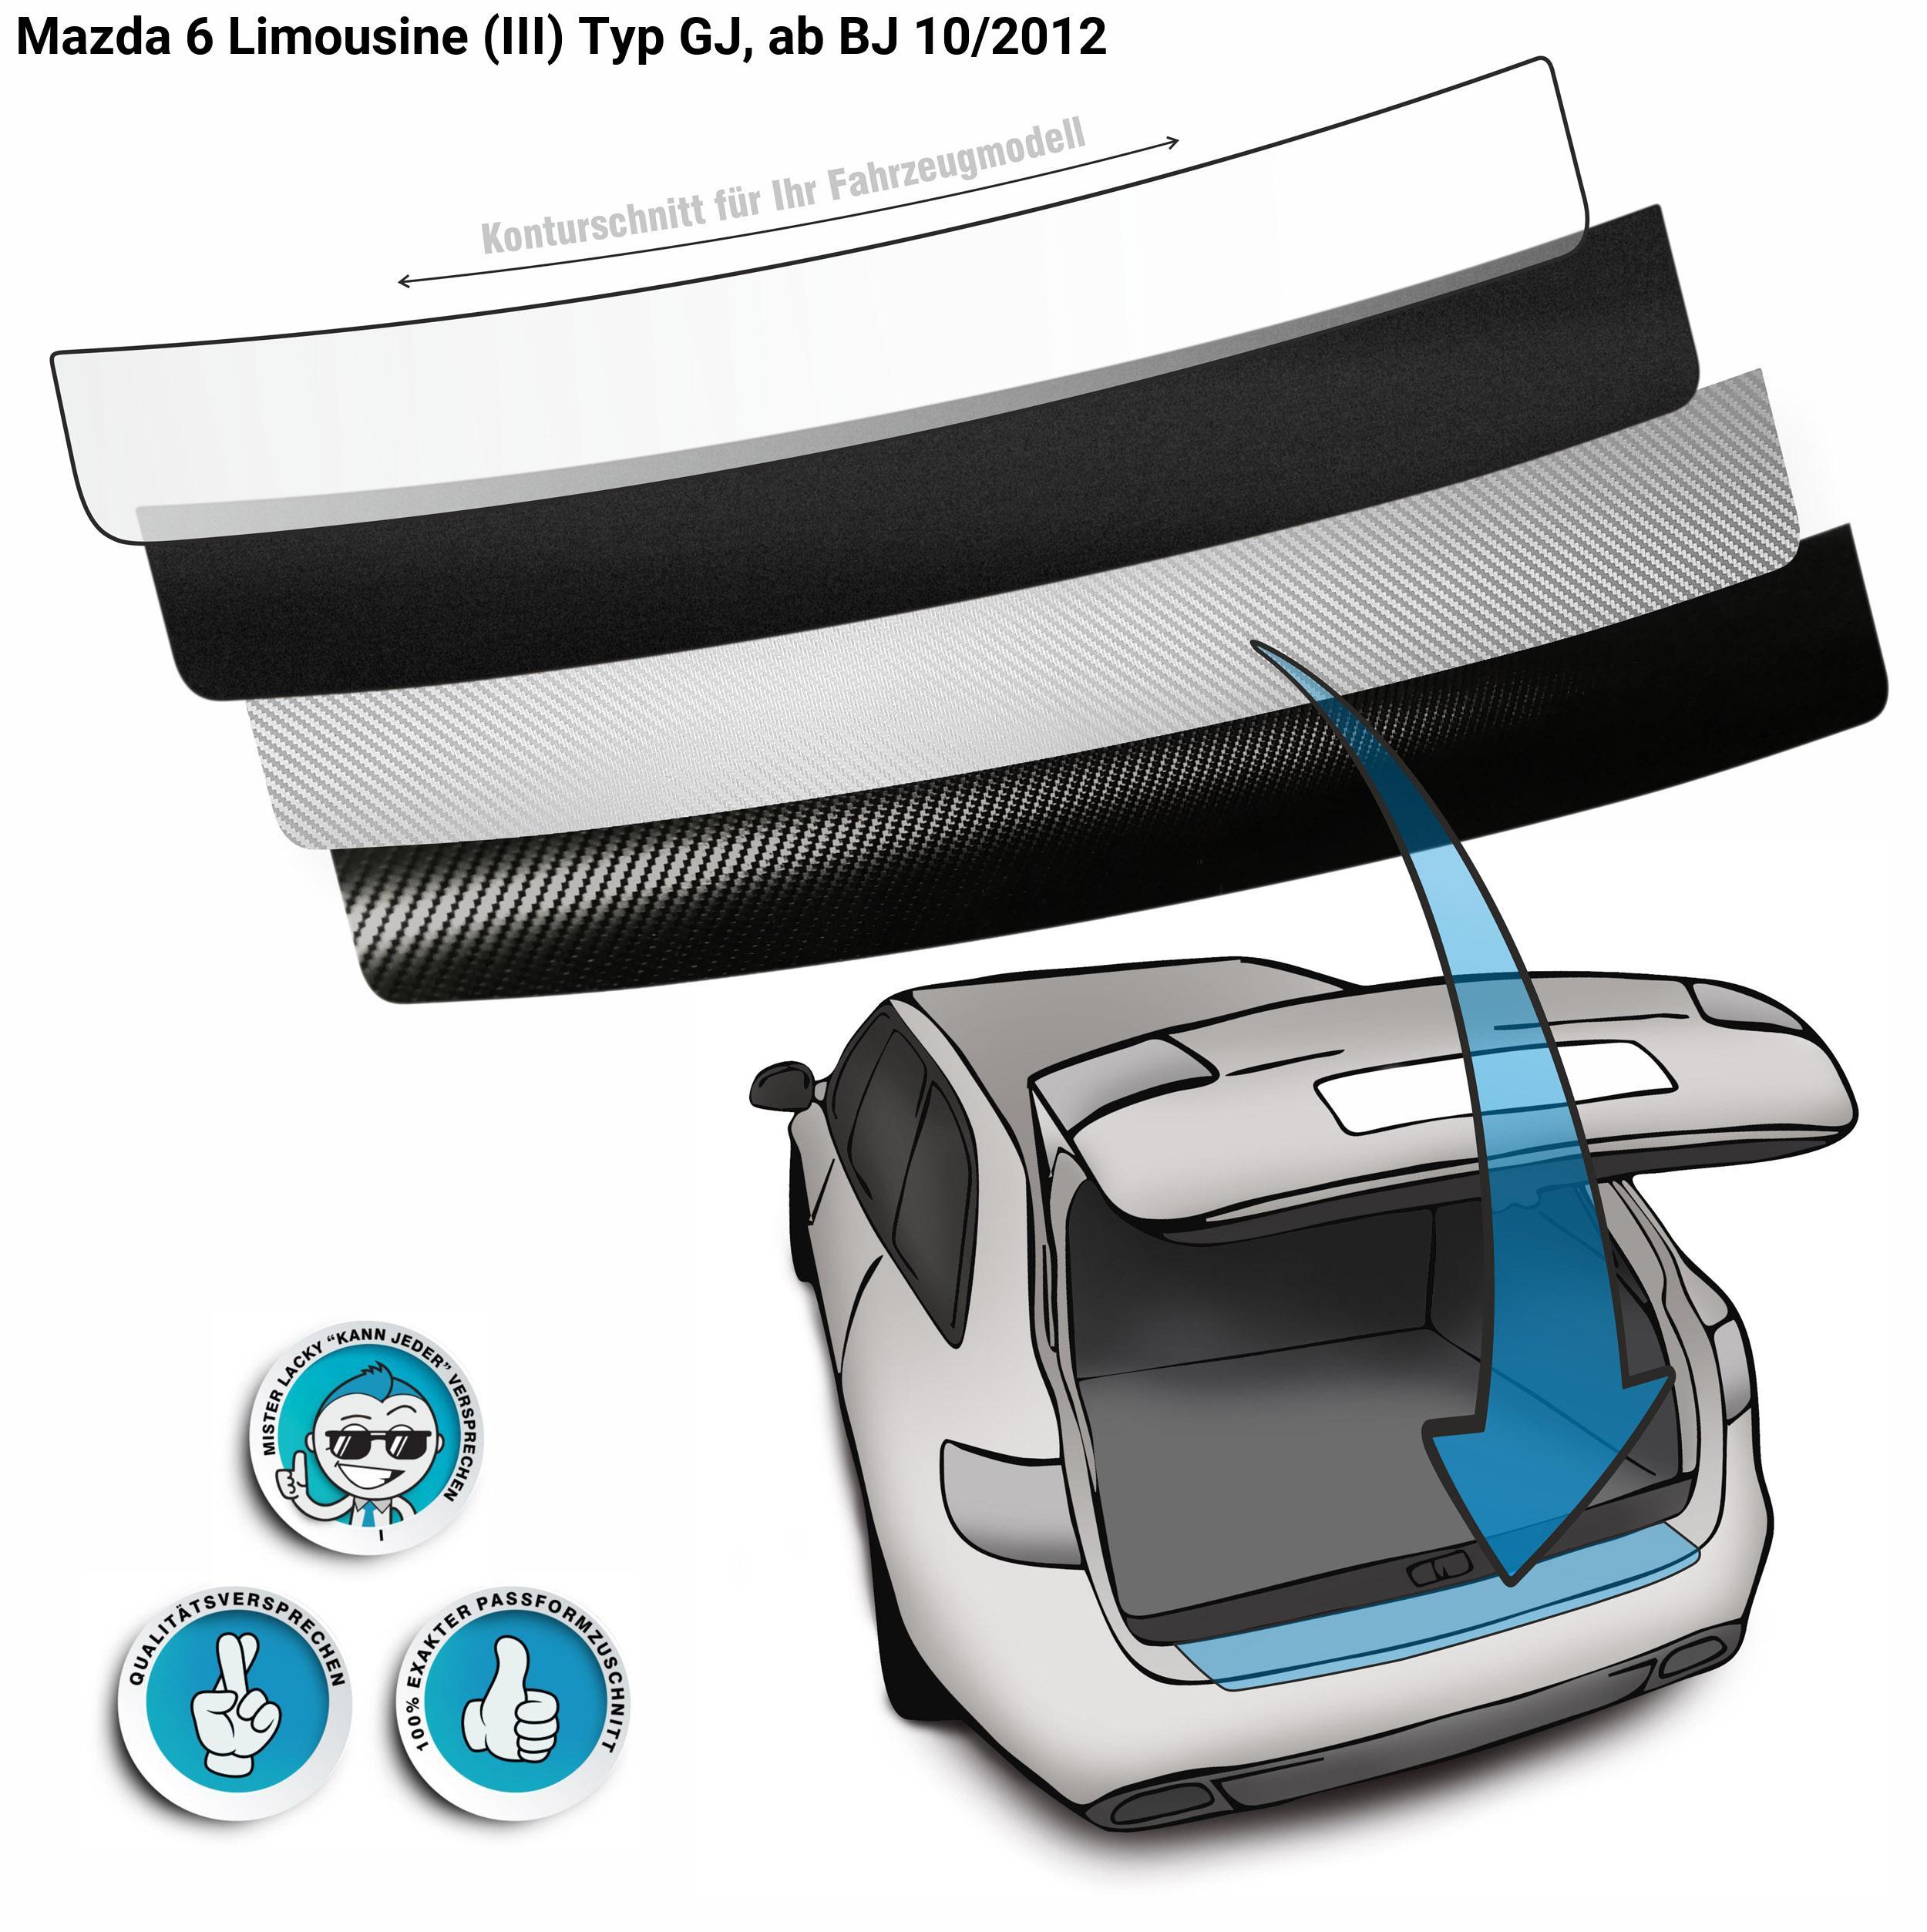 Lackschutzfolie Ladekantenschutz Schutzfolie Passend für Mazda 6 III Limousine